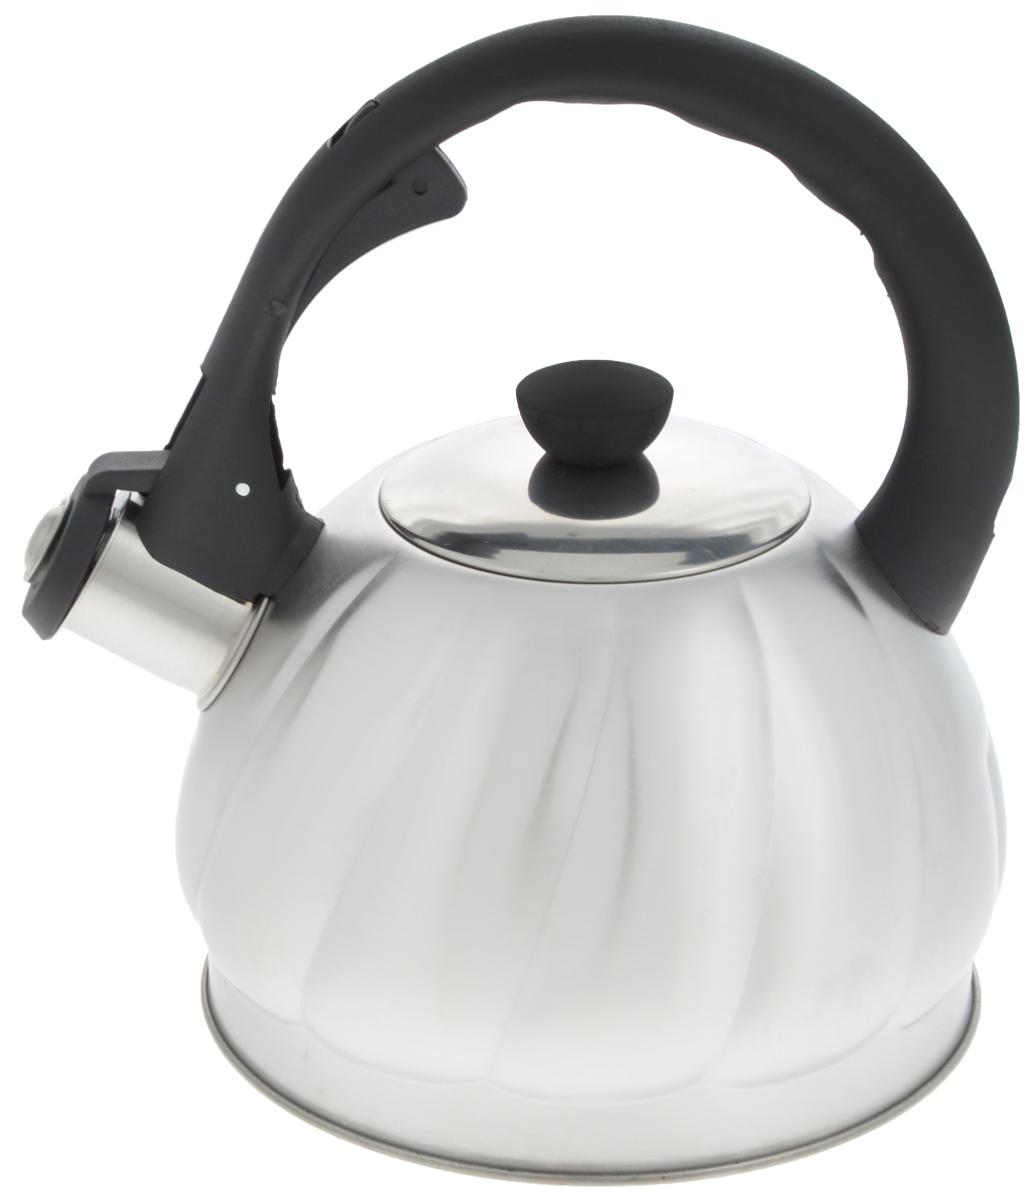 Чайник Mayer & Boch, со свистком, 2 л. 2589654 009303Чайник со свистком Mayer & Boch изготовлен из высококачественной нержавеющей стали, что обеспечивает долговечность использования. Носик чайника оснащен откидным свистком, звуковой сигнал которого подскажет, когда закипит вода. Свисток открывается нажатием кнопки на фиксированной ручке, сделанной из пластика. Чайник Mayer & Boch - качественное исполнение и стильное решение для вашей кухни. Подходит для всех типов плит, включая индукционные. Можно мыть в посудомоечной машине. Высота чайника (с учетом ручки и крышки): 22,5 см.Высота чайника (без учета ручки и крышки): 12 см.Диаметр чайника (по верхнему краю): 9 см.Диаметр основания: 16,5 см.